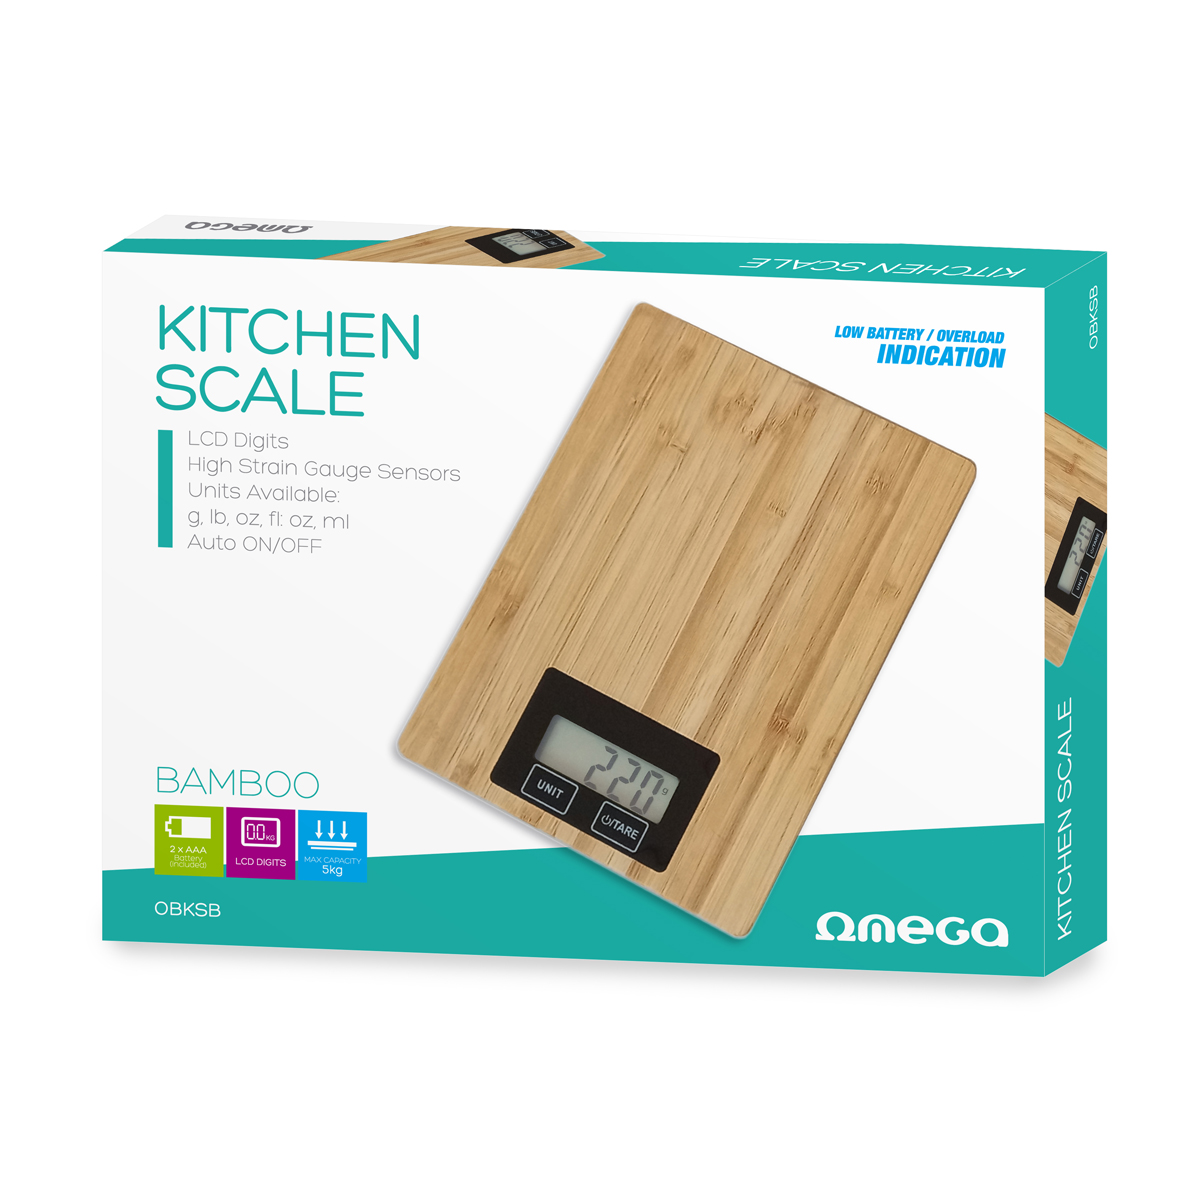 Keukenweegschaal - bamboe -, 2x AAA (niet inbegrepen), max 5kg, nauwkeurigheid: 1g, auto on/off